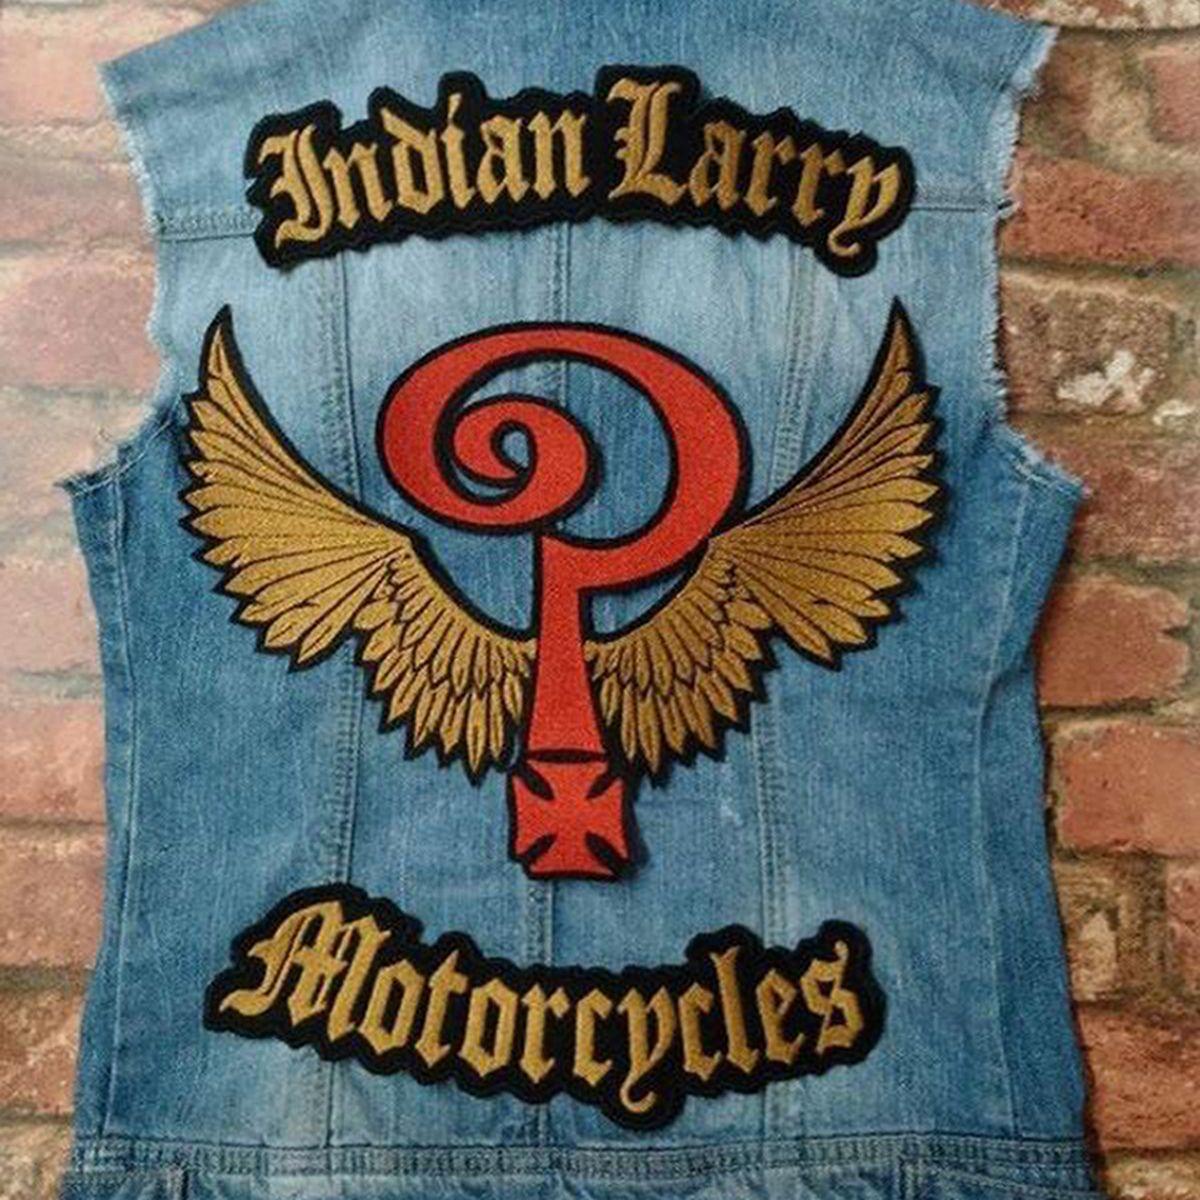 Nouvelle arrivée indienne Larrd motos grand dos taille broderie Patch fer sur coudre sur Biker Veste gilet conception sur mesure